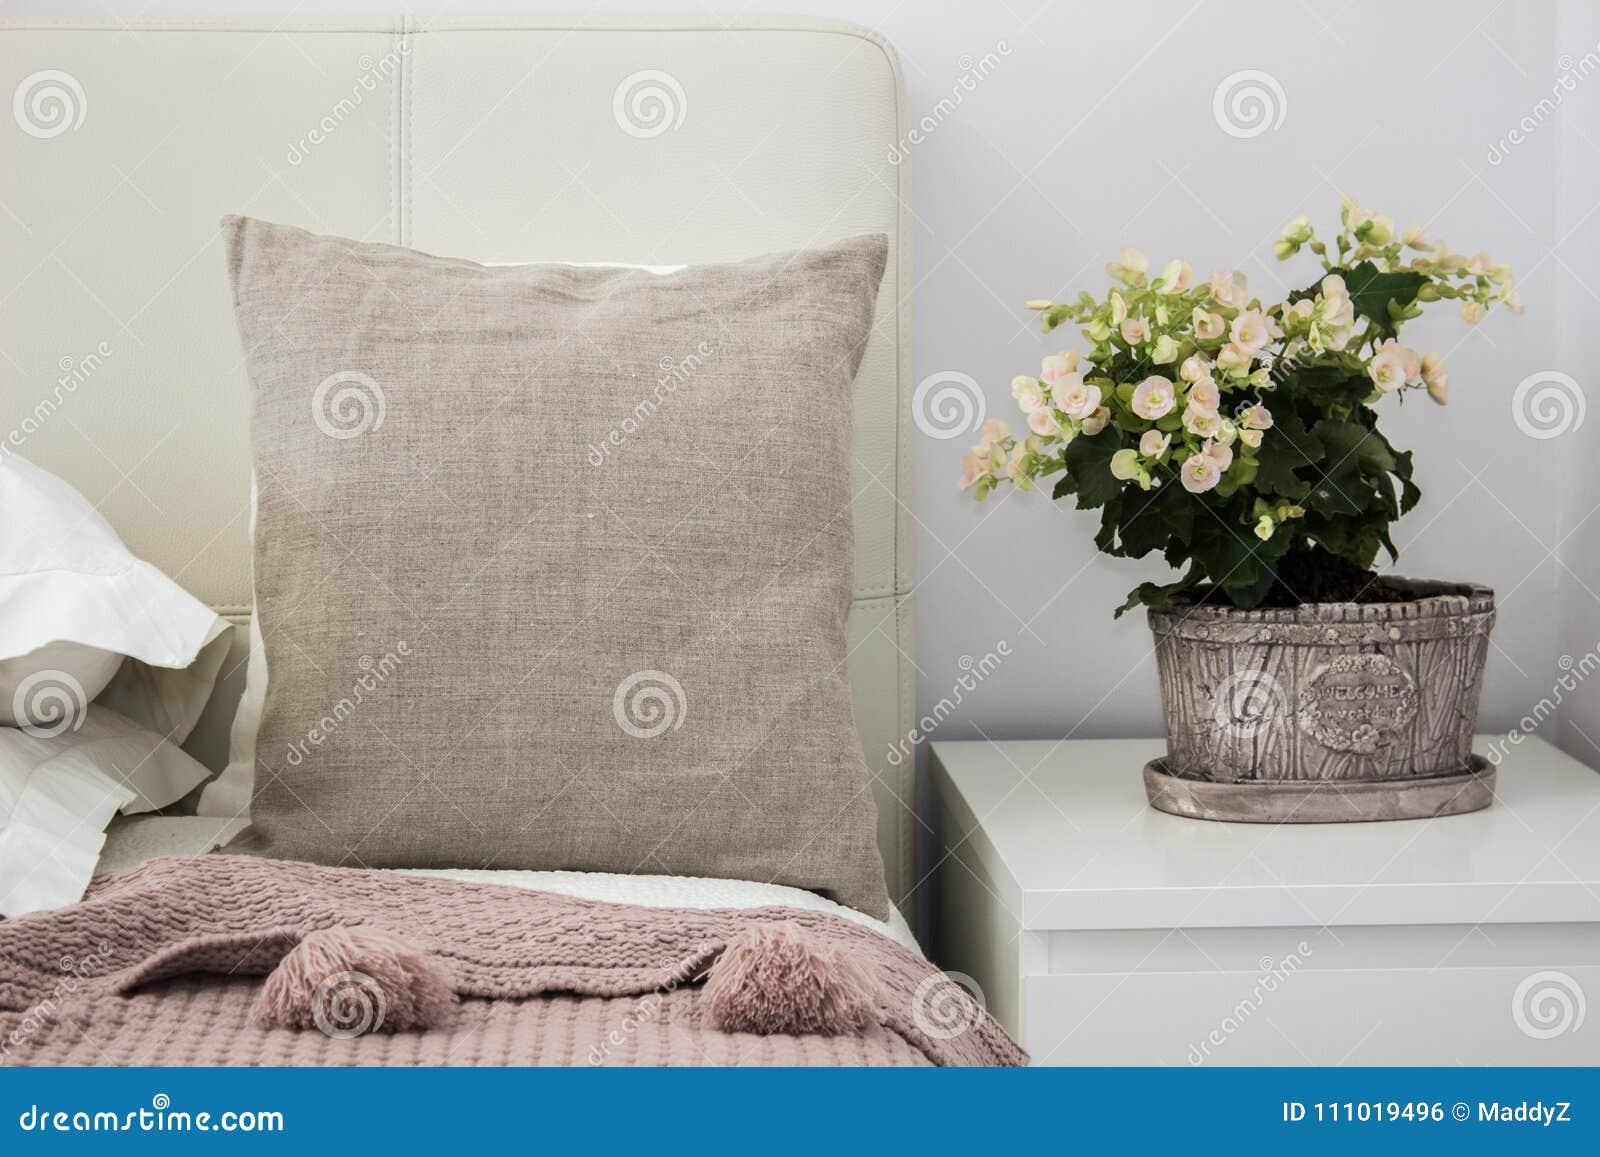 Natuurlijk hoofdkussen op bed in een comfortabele slaapkamer